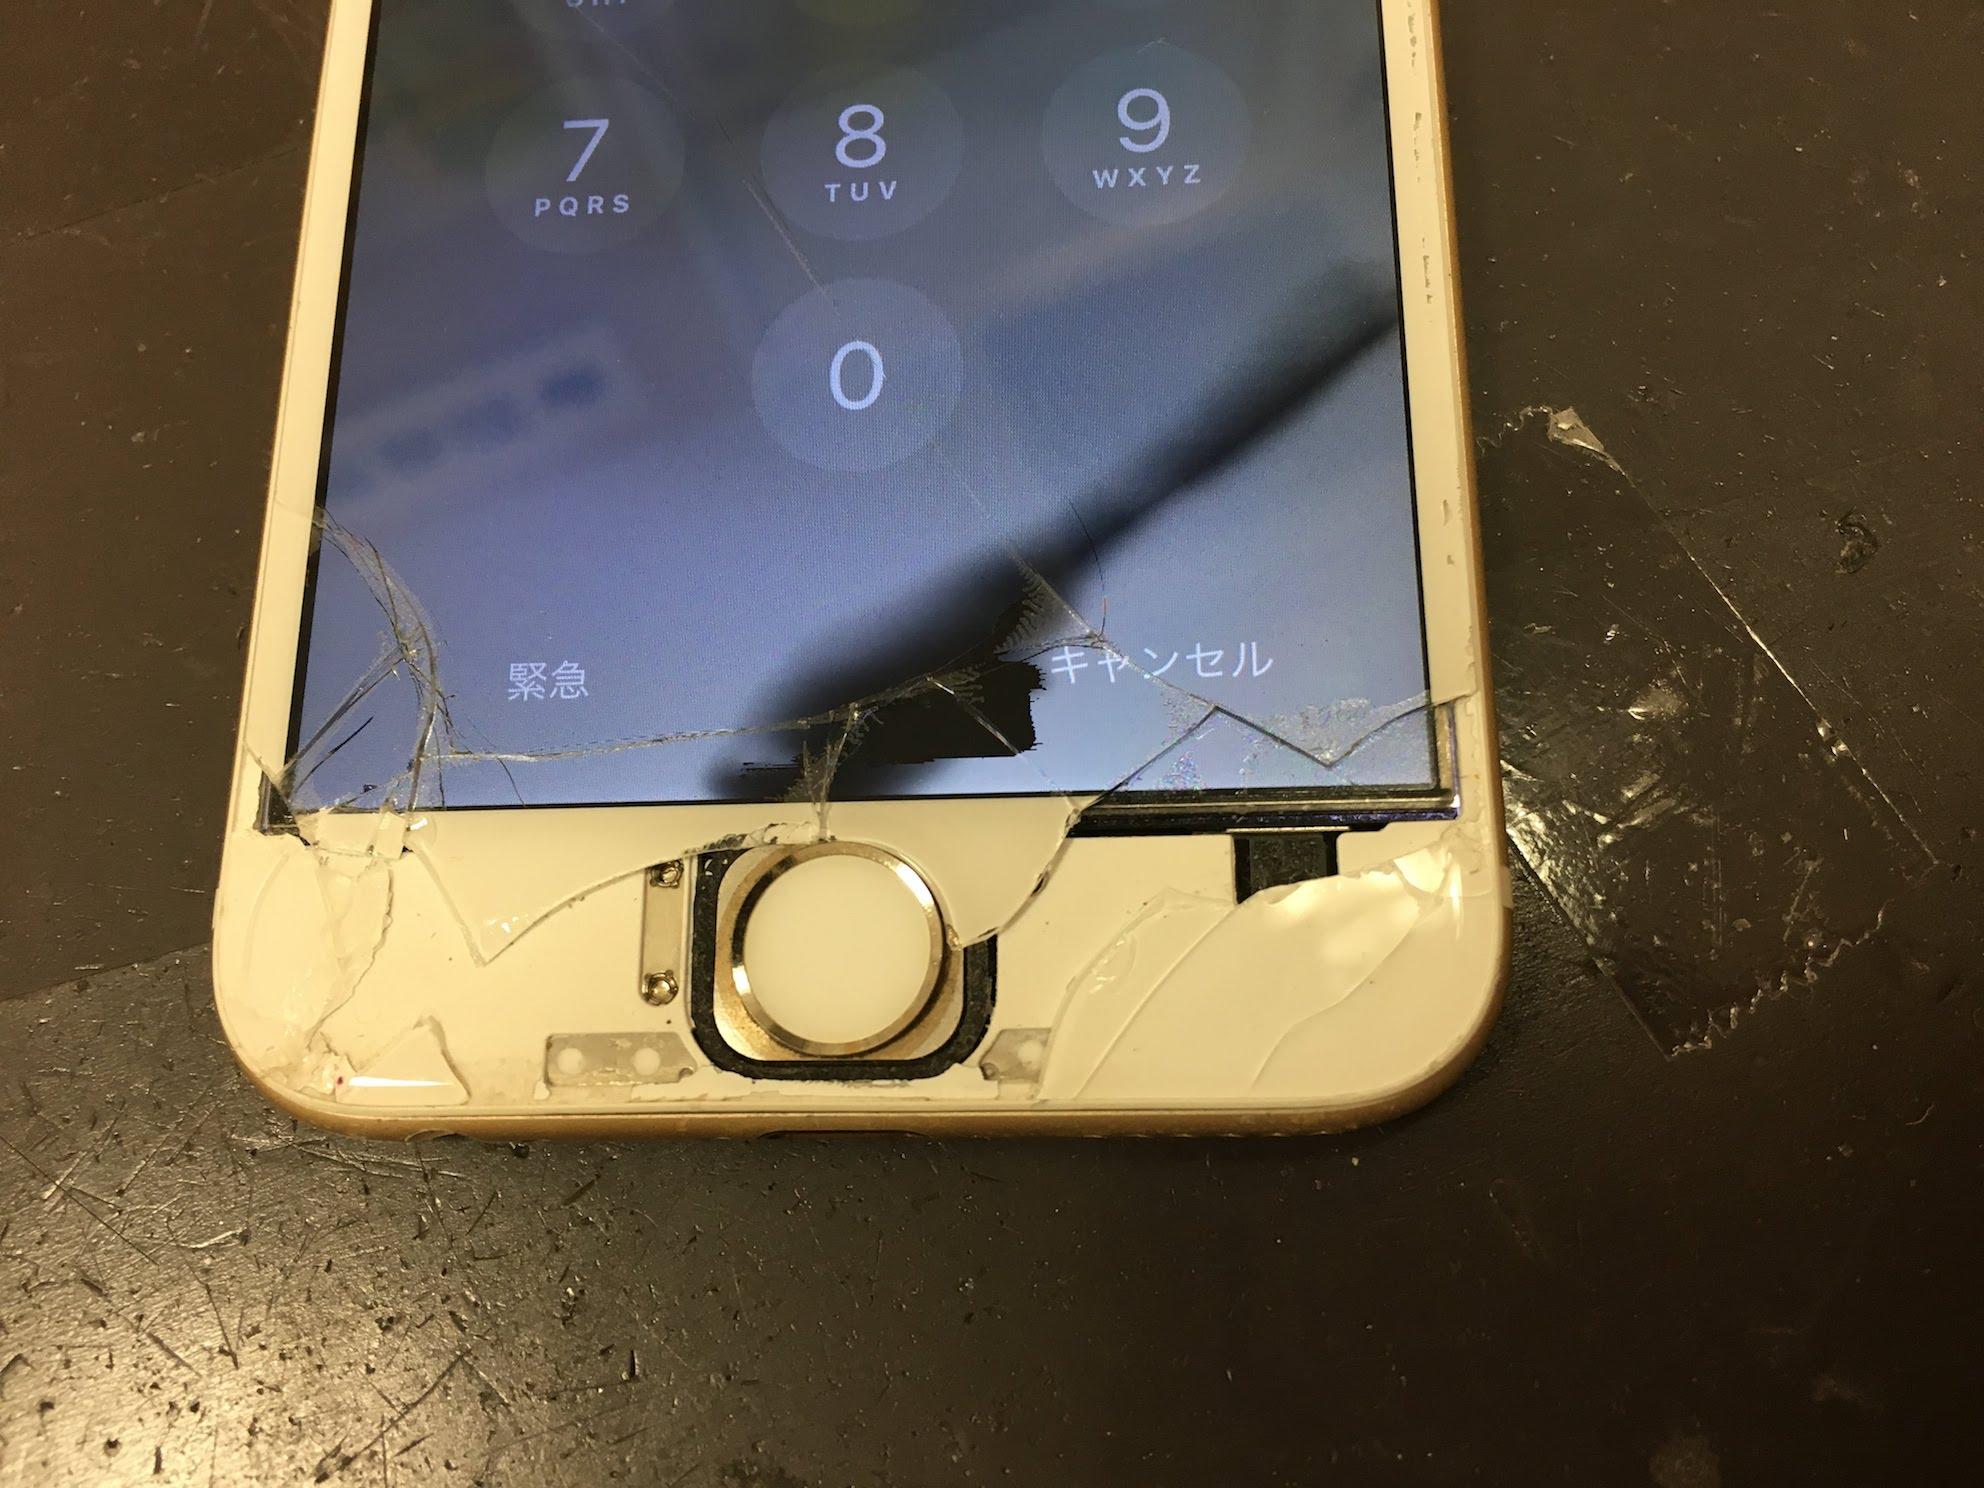 ガラスが割れてホームボタンが見えているiPhone6